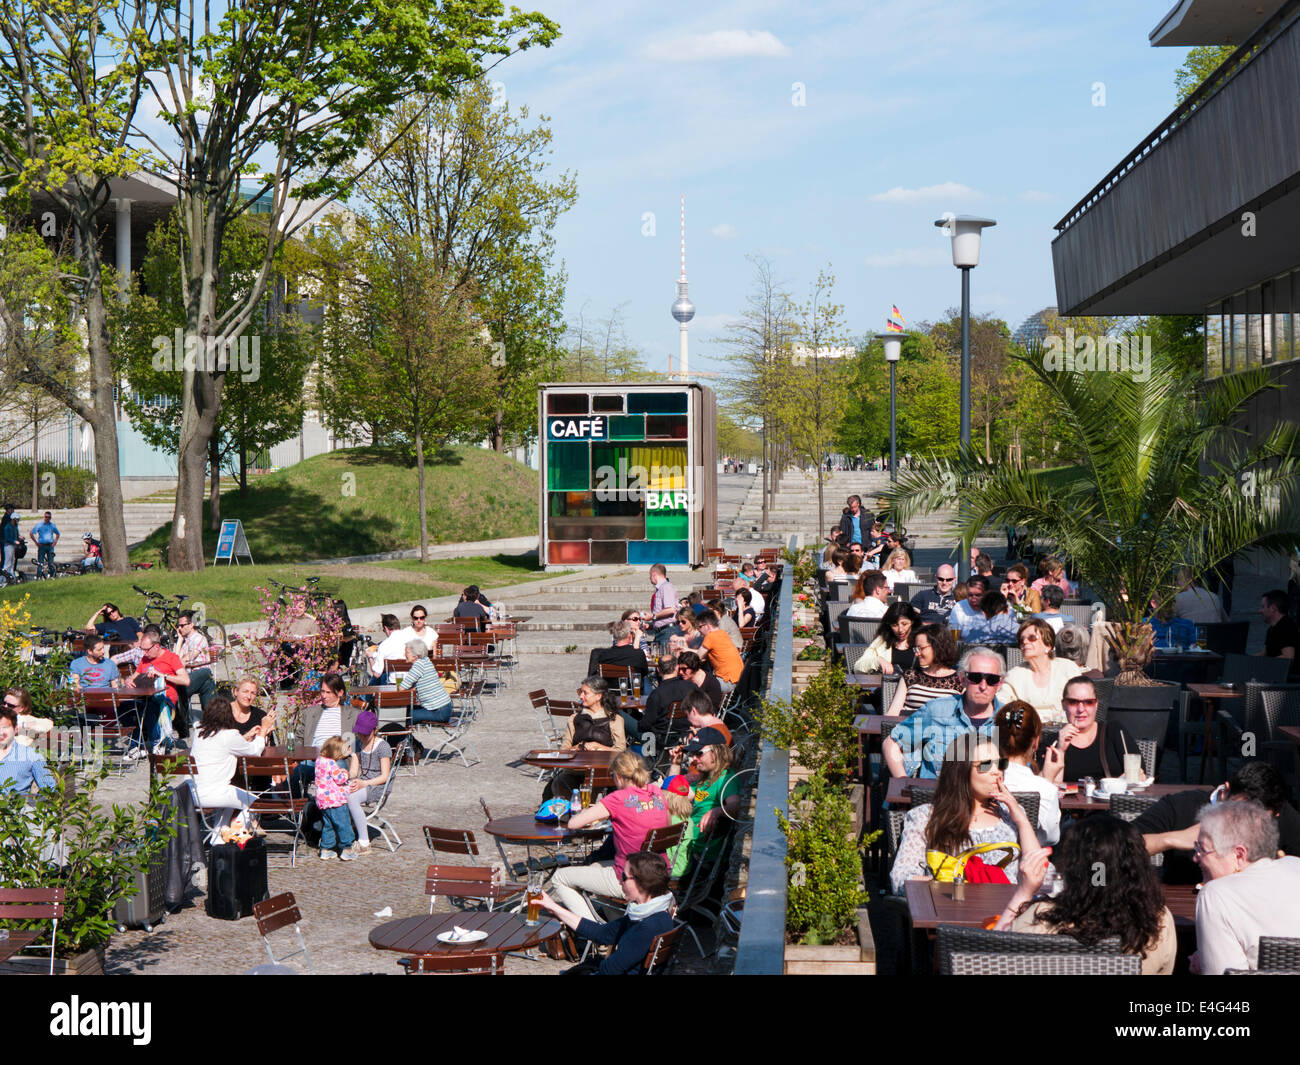 Un café bar restaurant à l'extérieur de la Chambre des Cultures du Monde à Berlin Allemagne Photo Stock